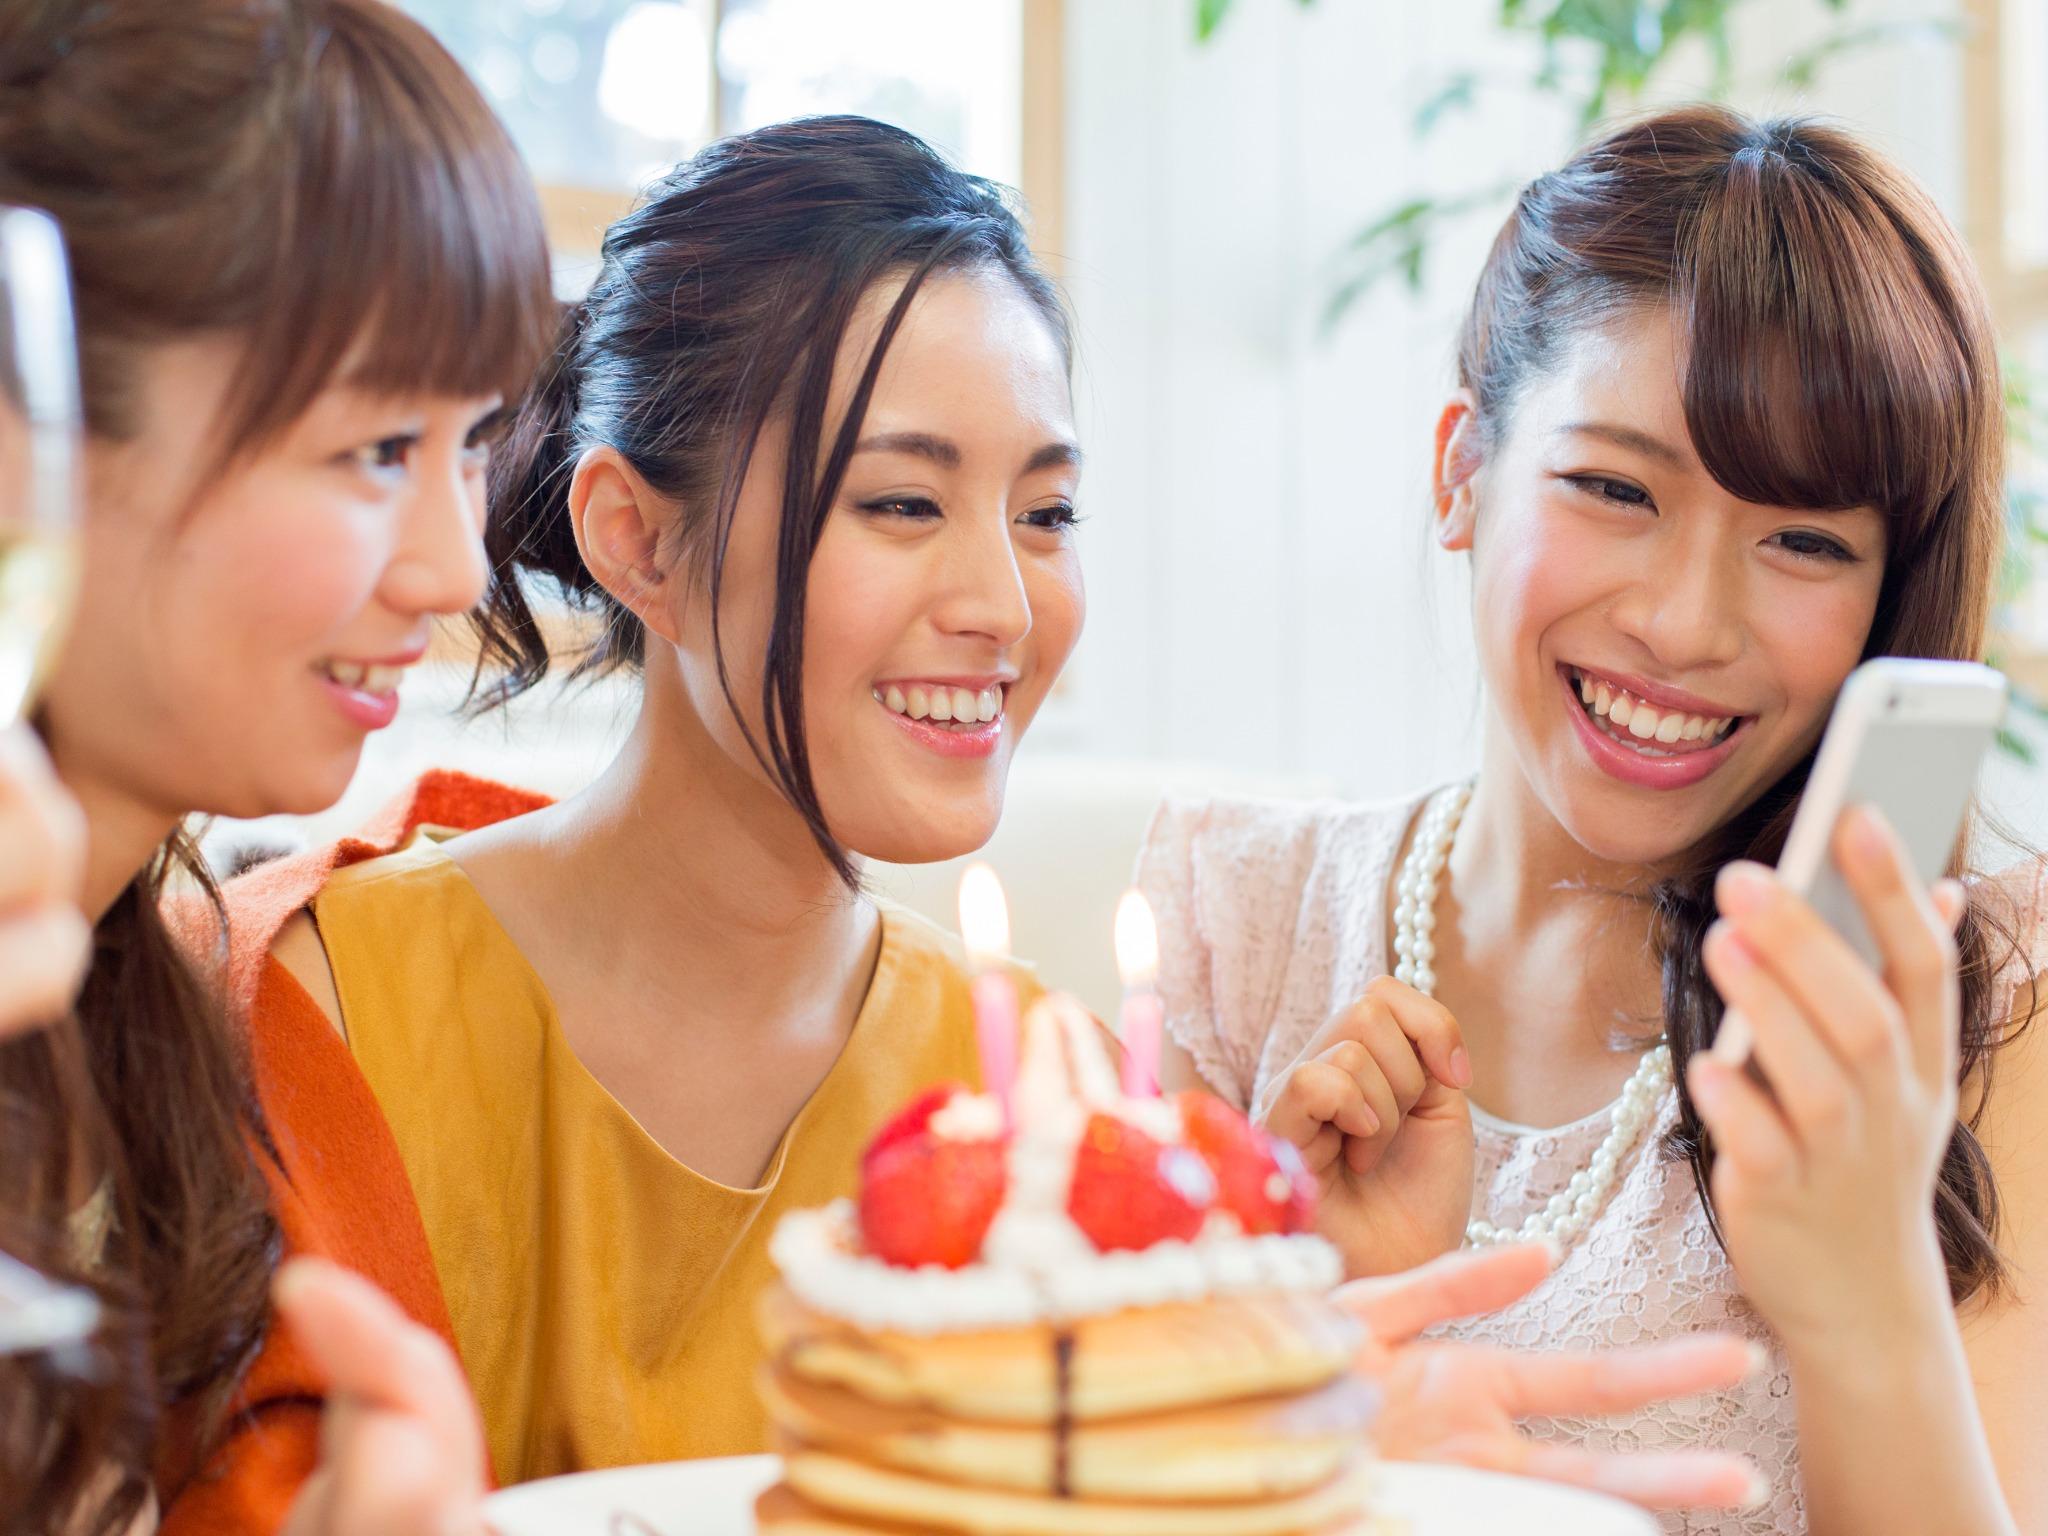 集客でお困りの飲食店様の集客サポートを行っております!貴店様負担0円にて「占い女子会」を開催することで新規集客・リピート率を高めます。